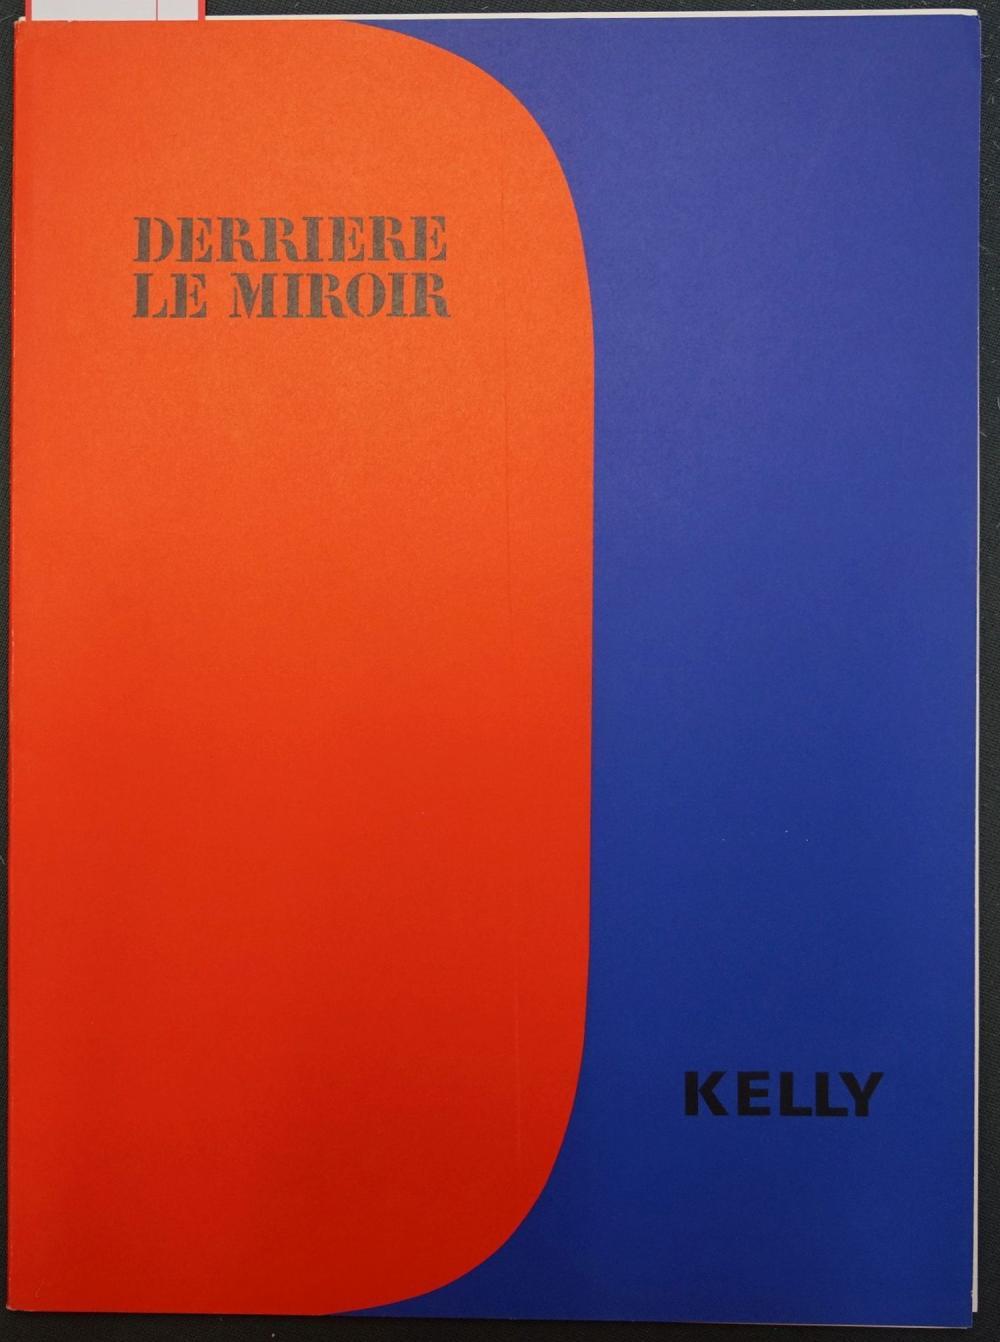 Derrière le Miroir und Kelly, Ellsworth - Illustr.: Derrière le Miroir